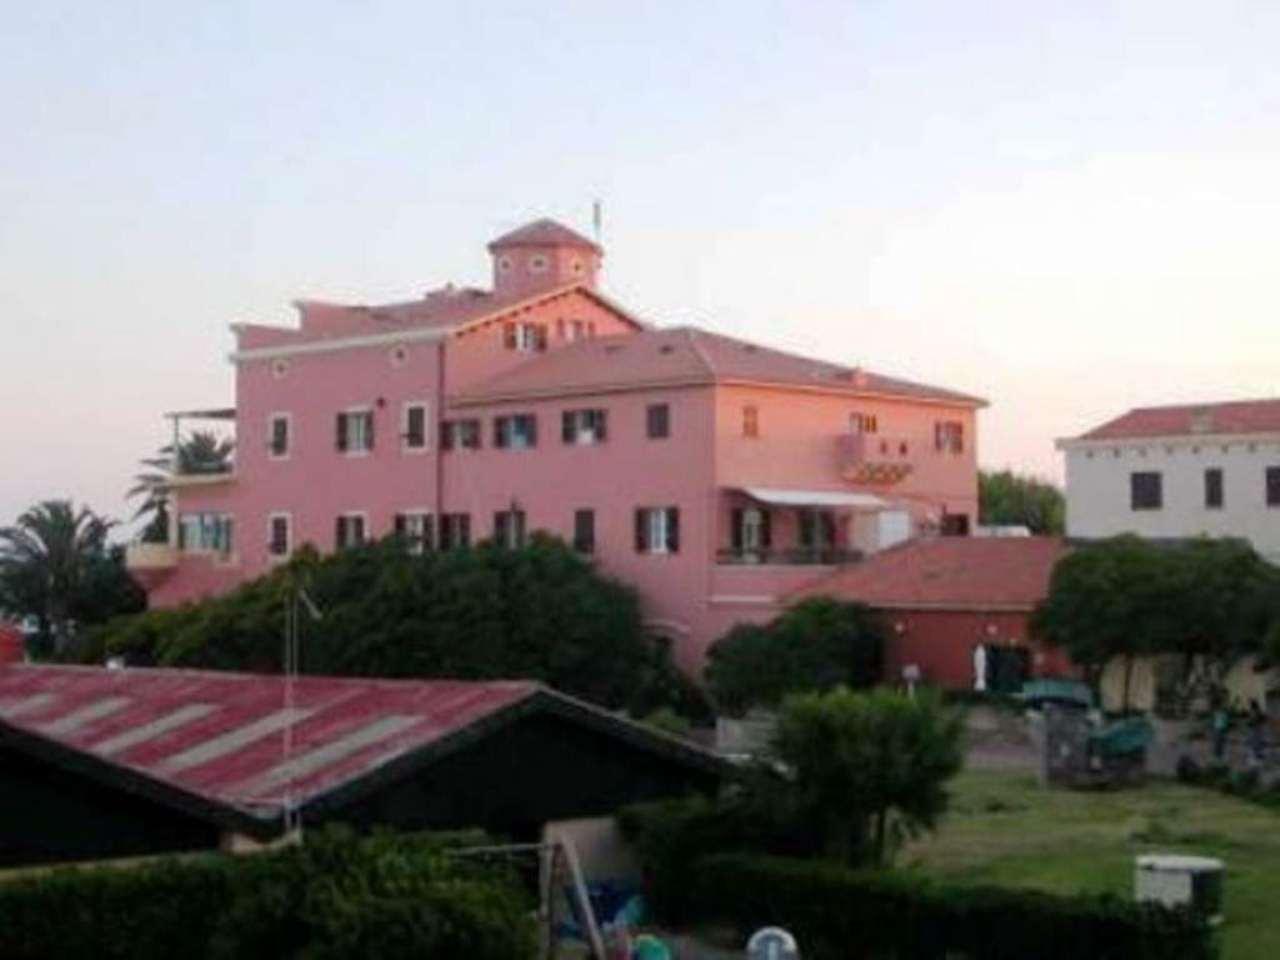 Appartamento in vendita a Carloforte, 2 locali, prezzo € 100.000 | Cambio Casa.it